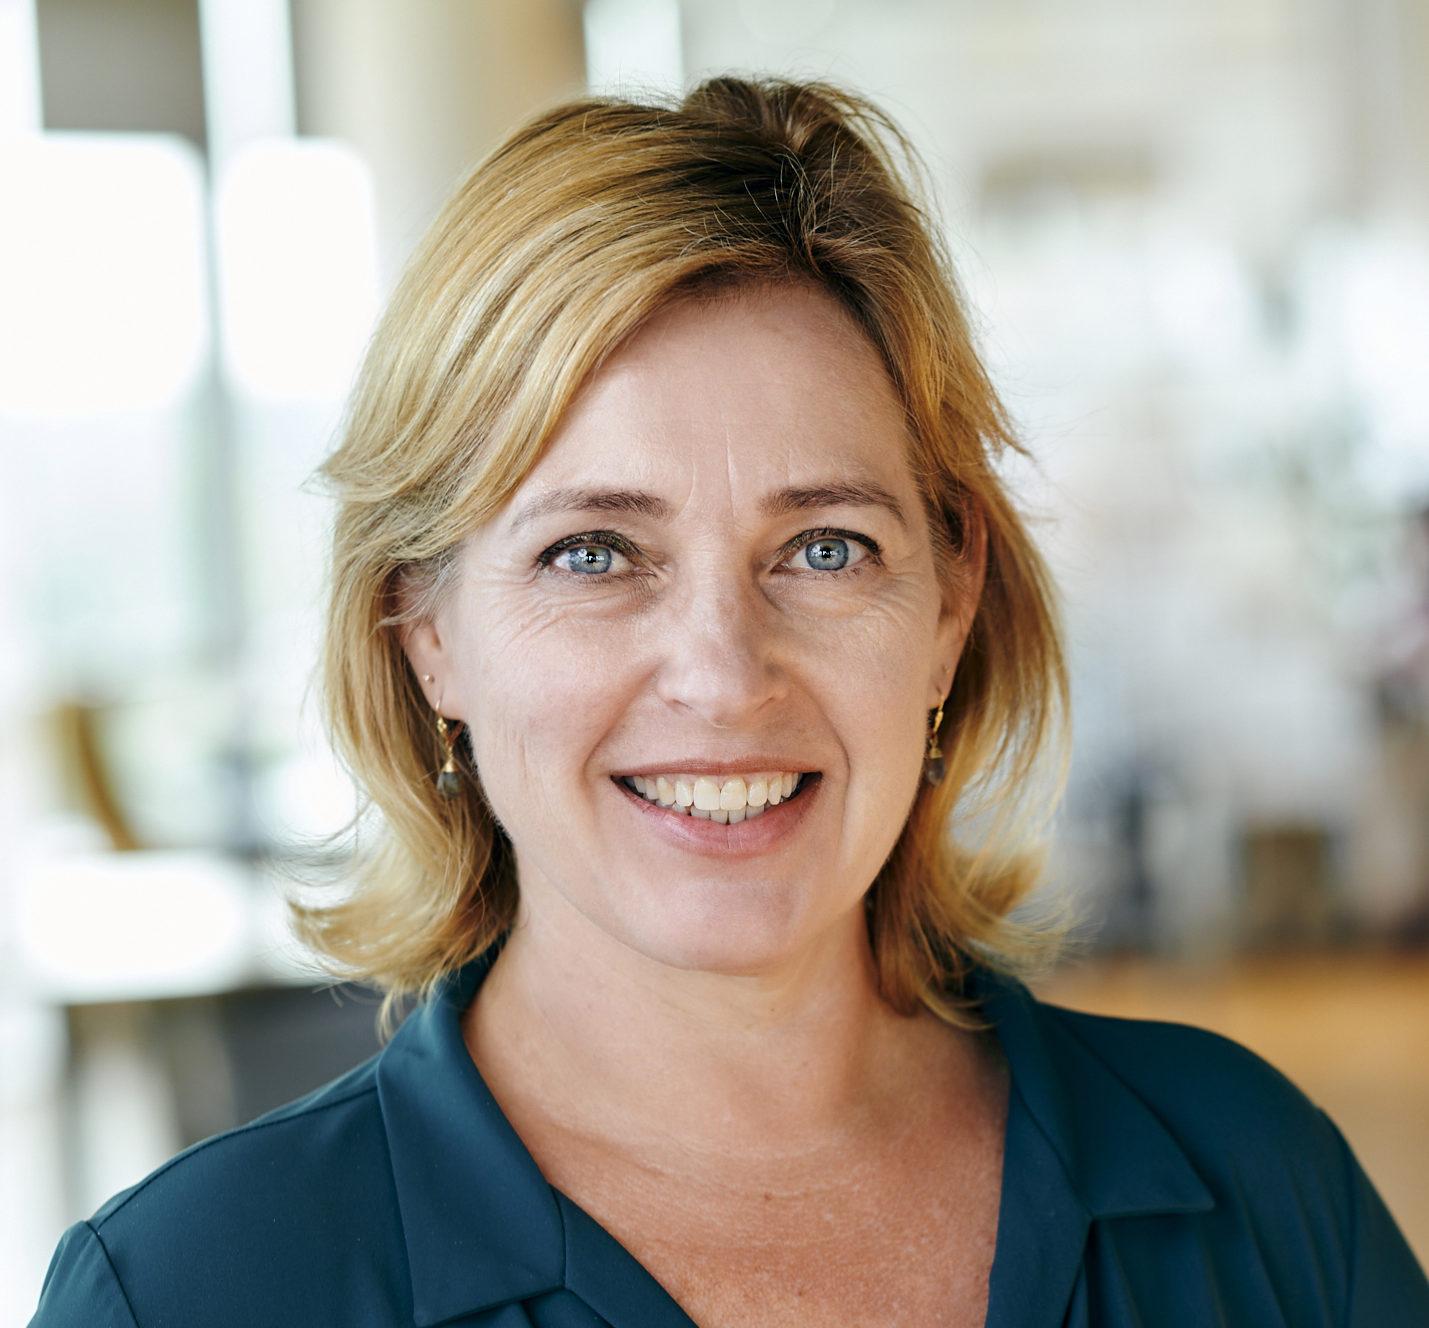 Shirley Justice - foto: Wiep van Apeldoorn